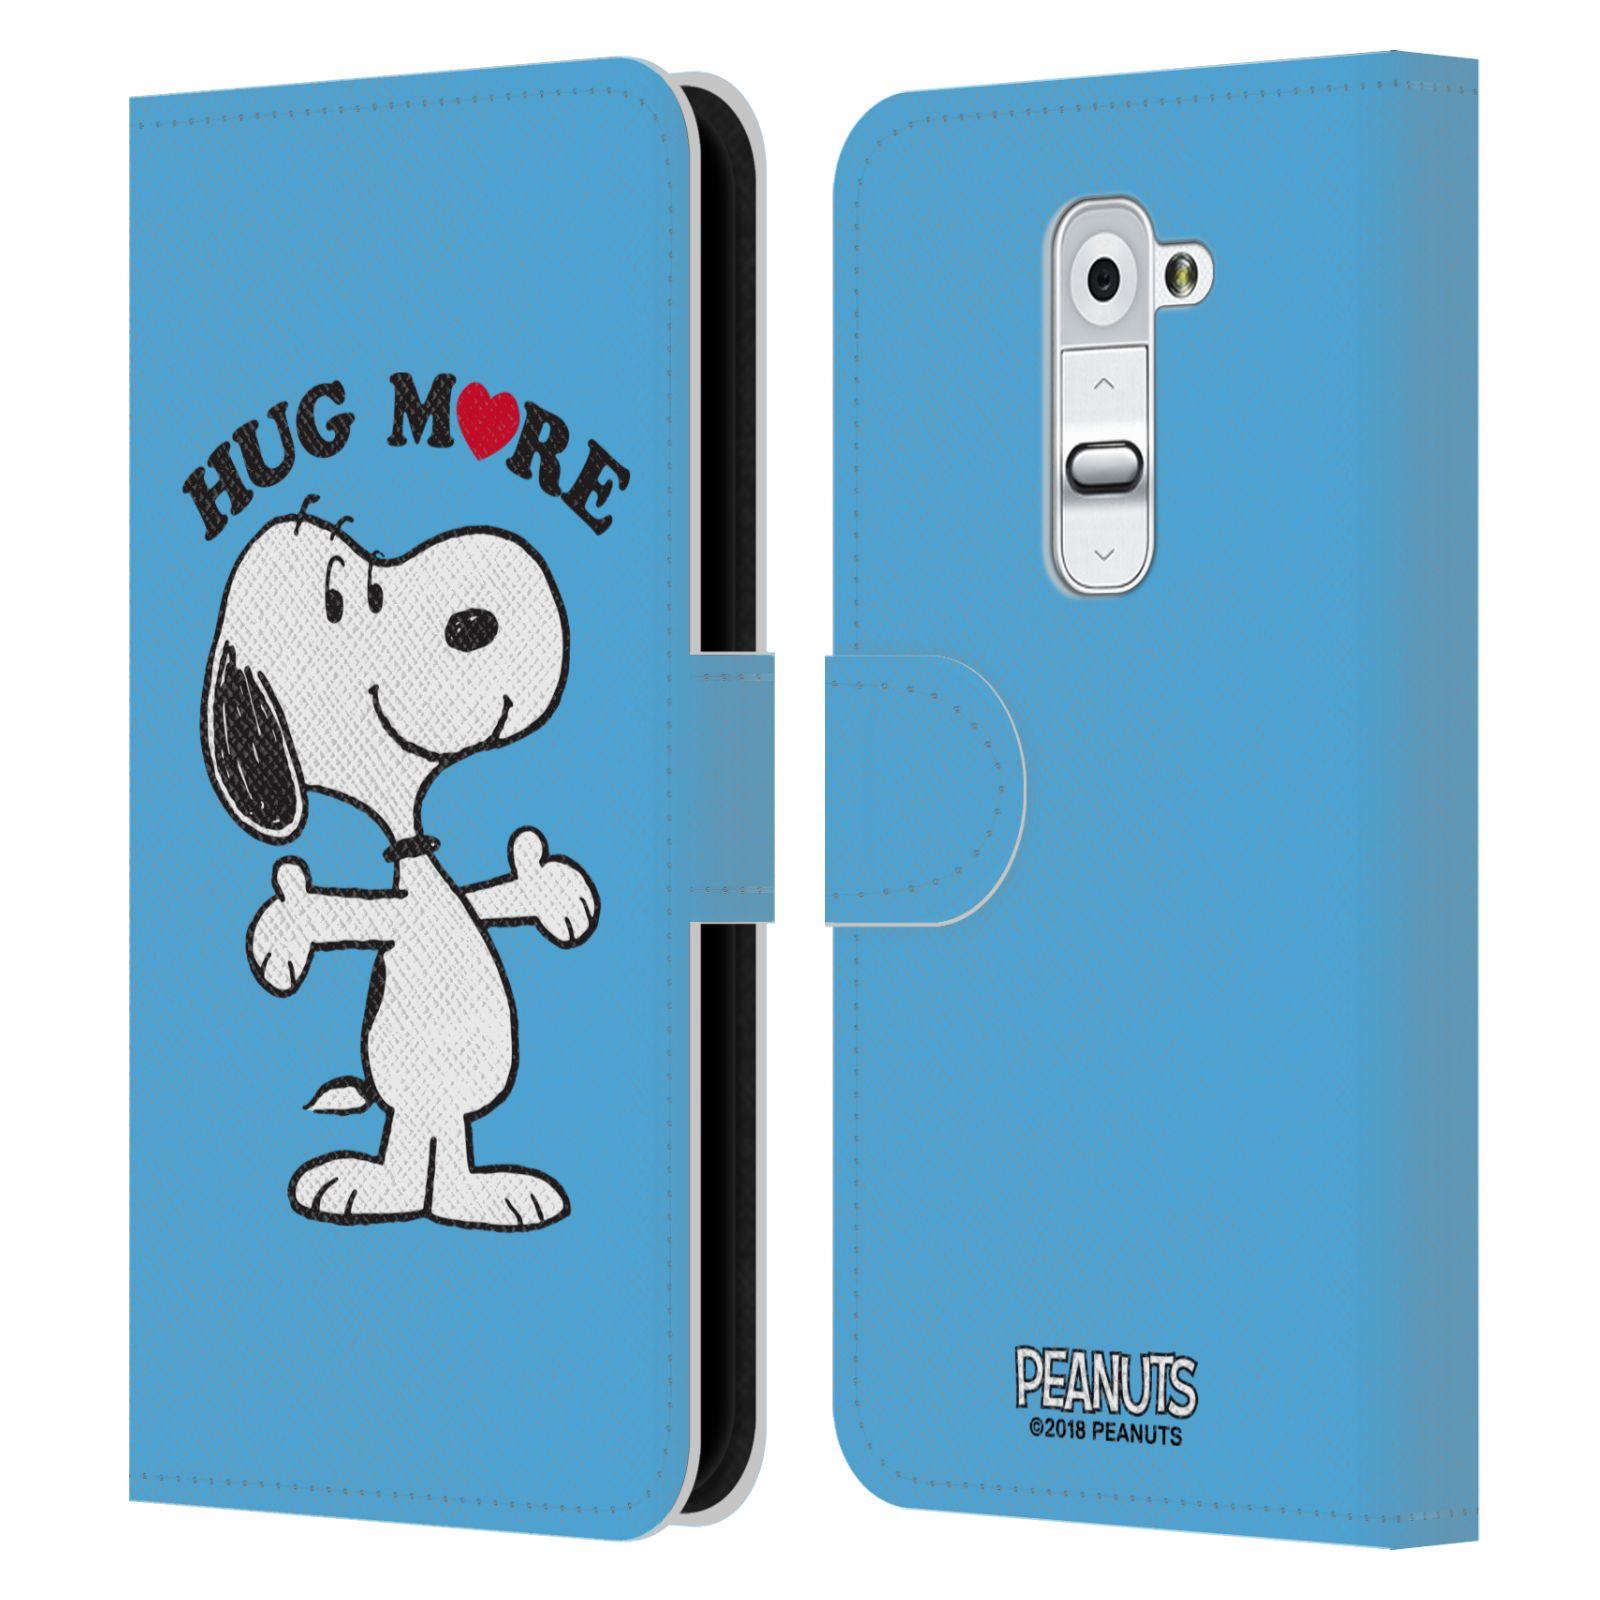 Pouzdro na mobil LG G2 - Head Case - Peanuts - pejsek snoopy světle modré objetí